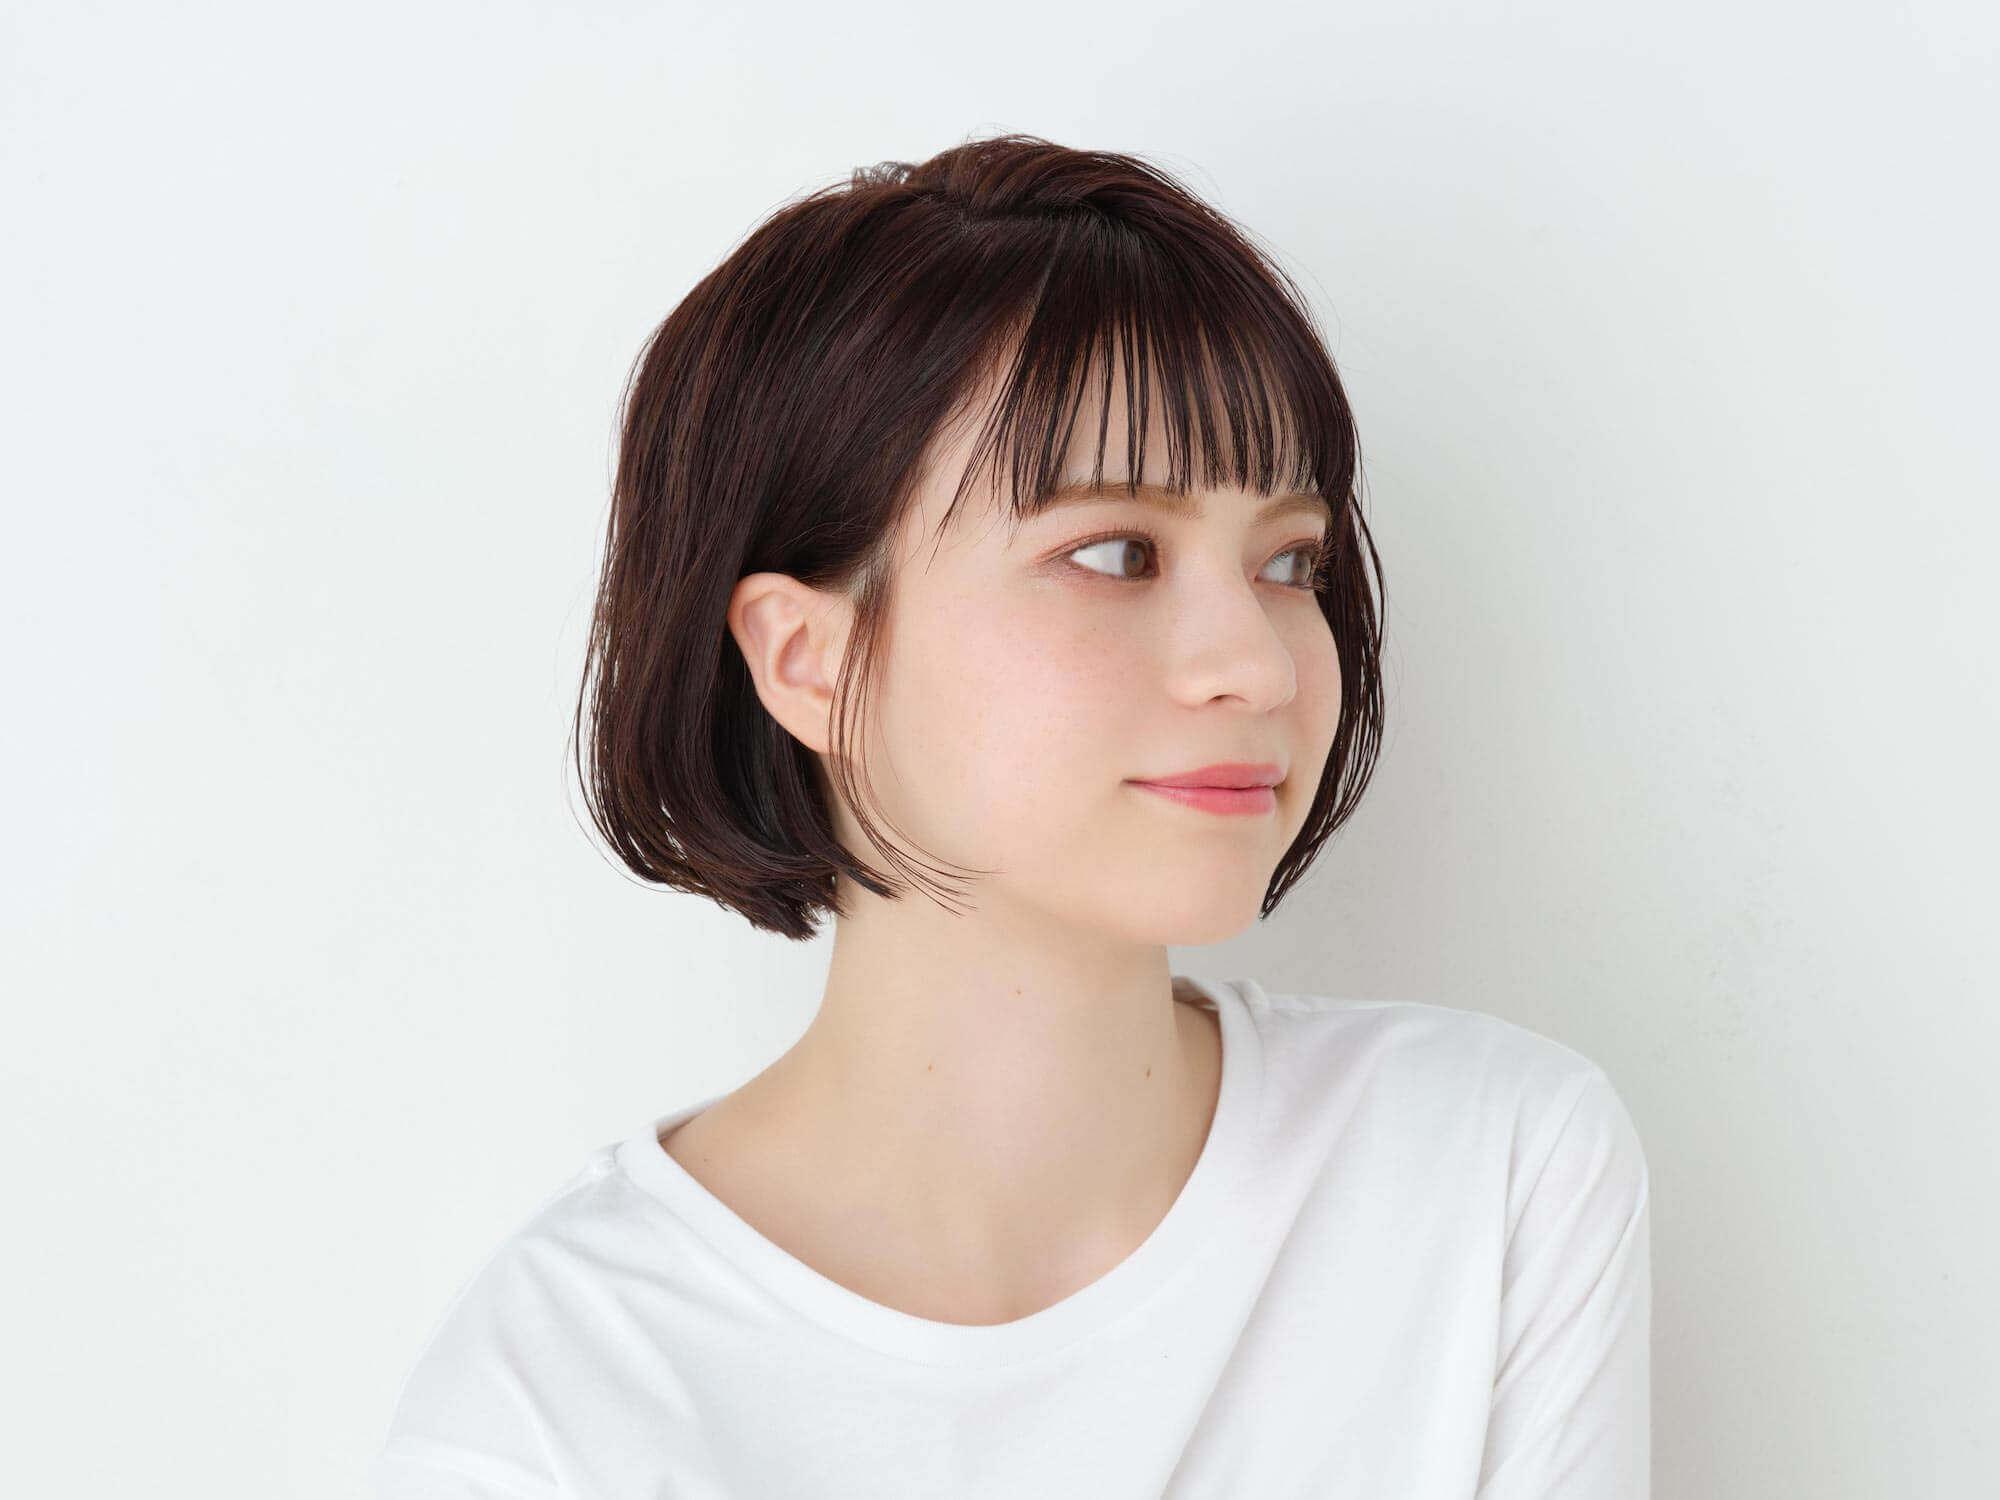 スタイリングスプレーポイントキープ(Sakura)を使ったヘアスタイル